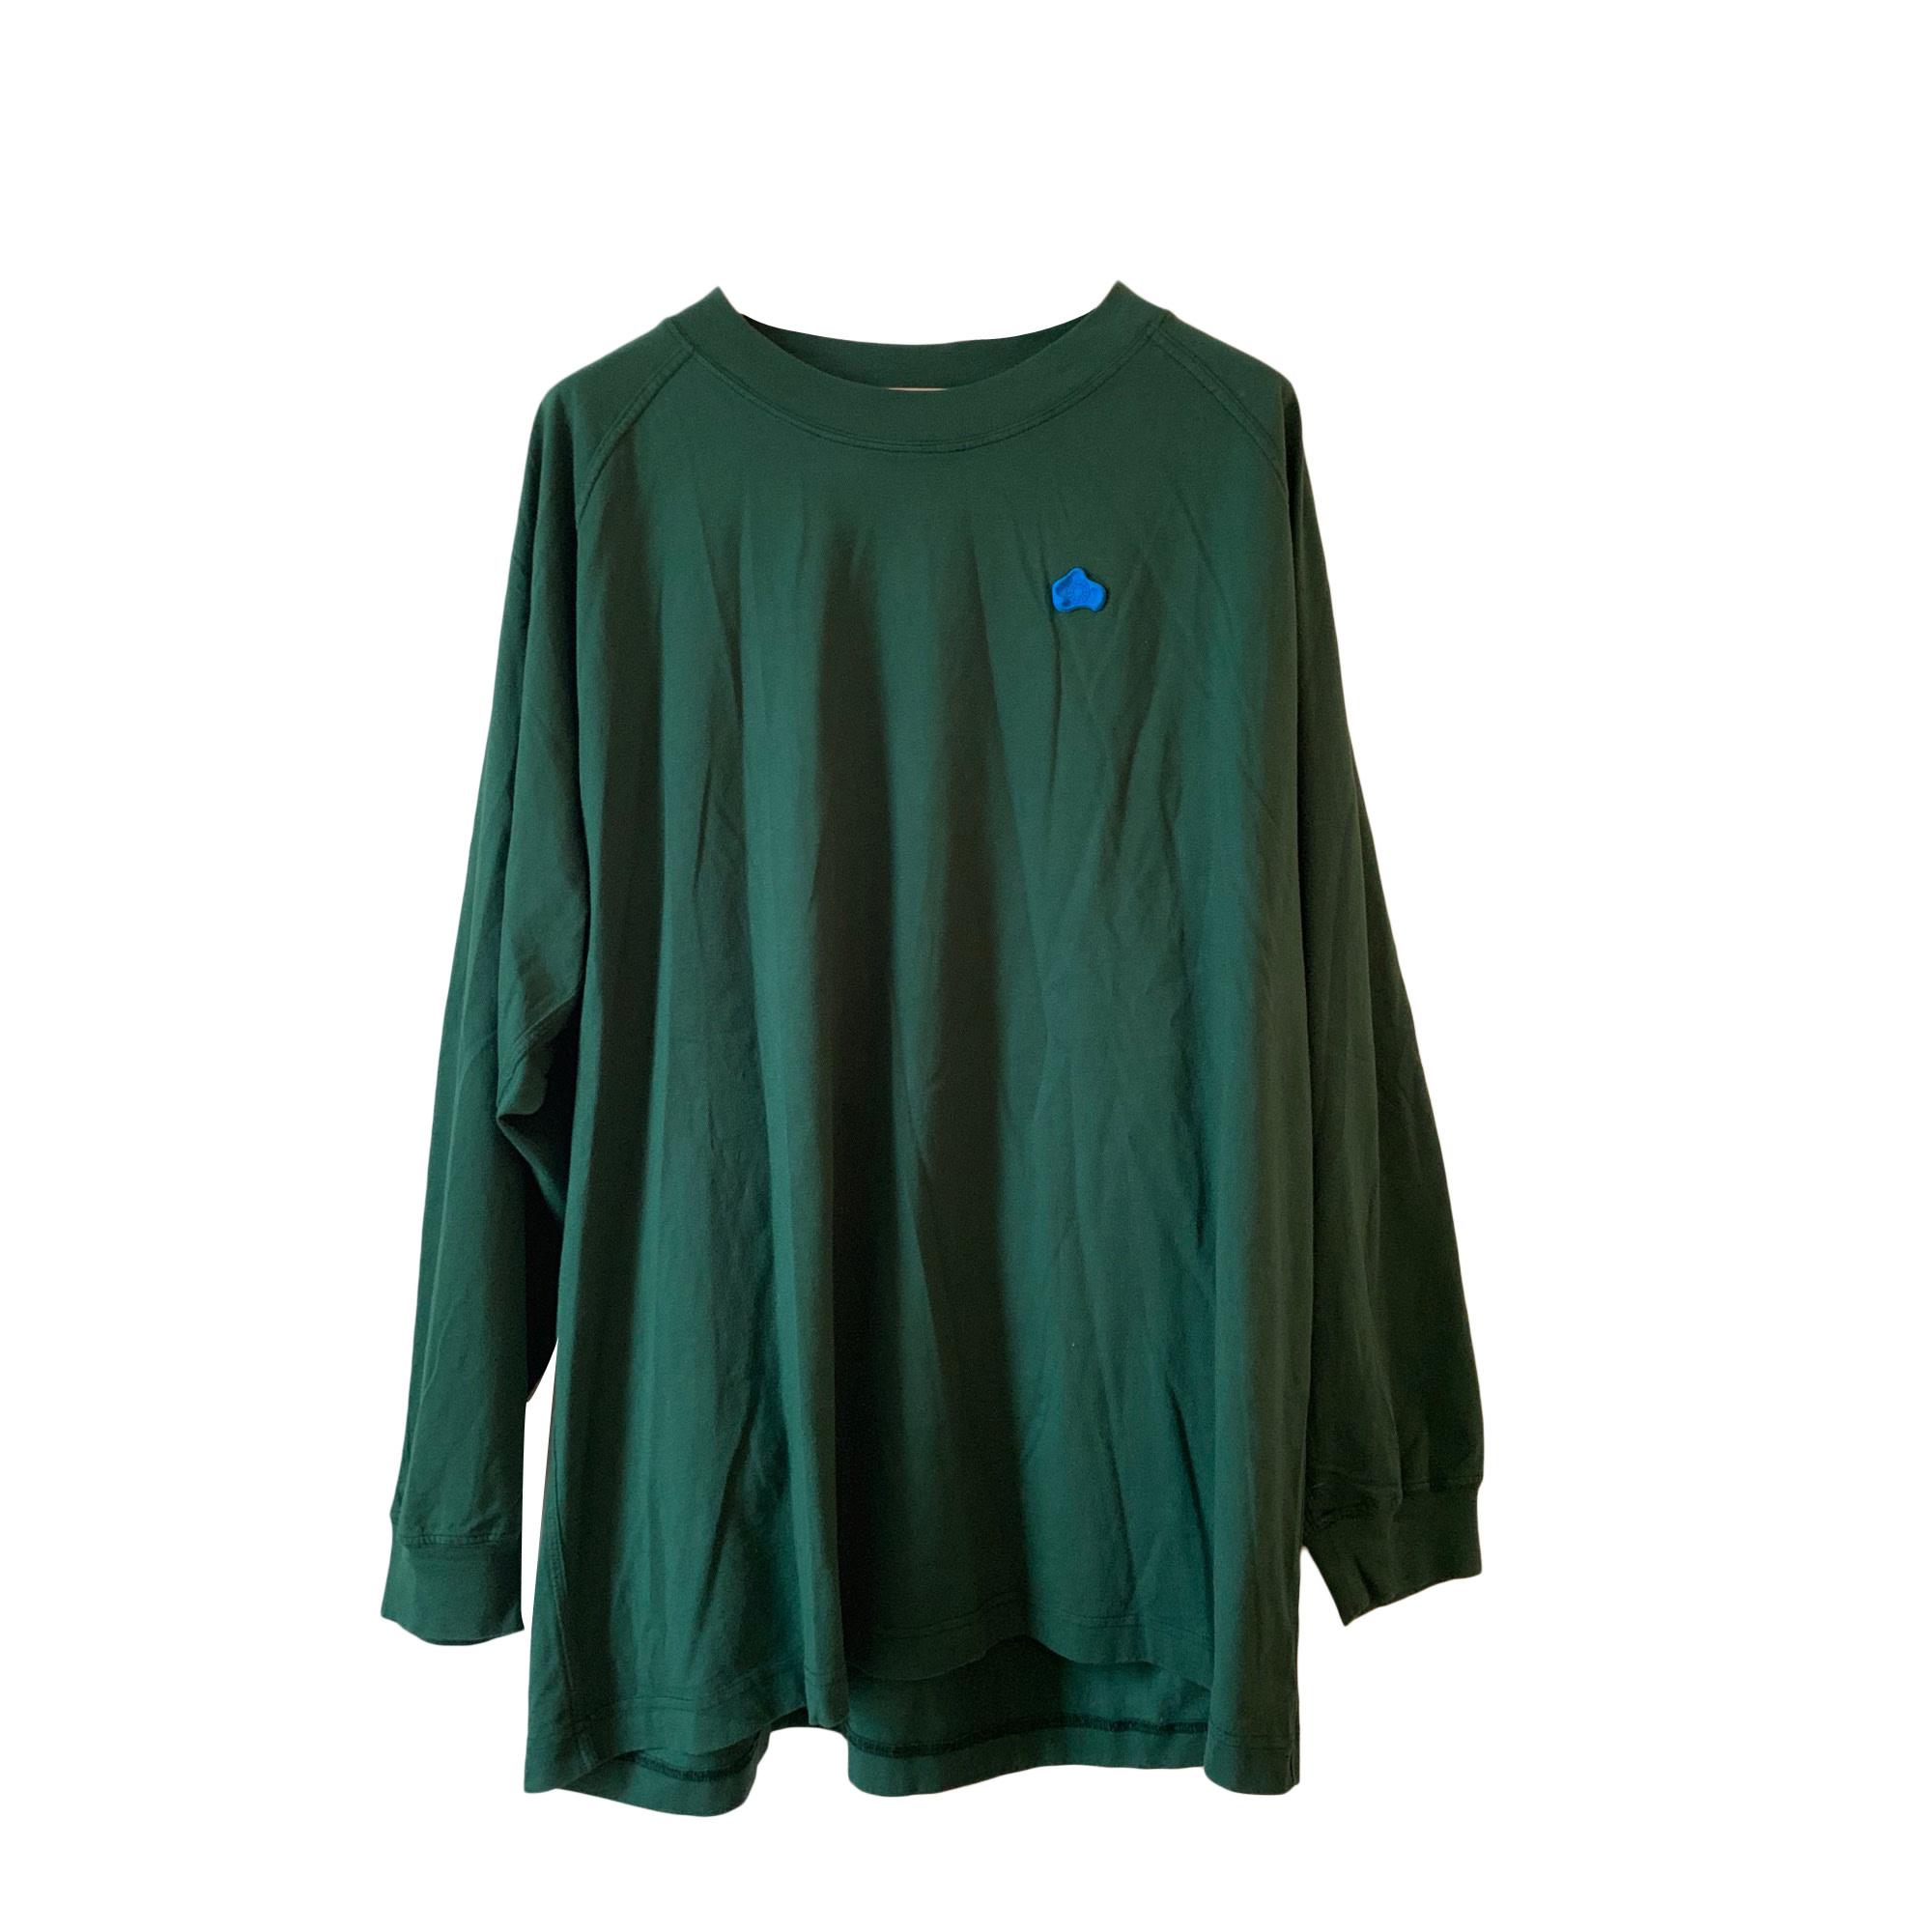 Tee-shirt ACNE Vert